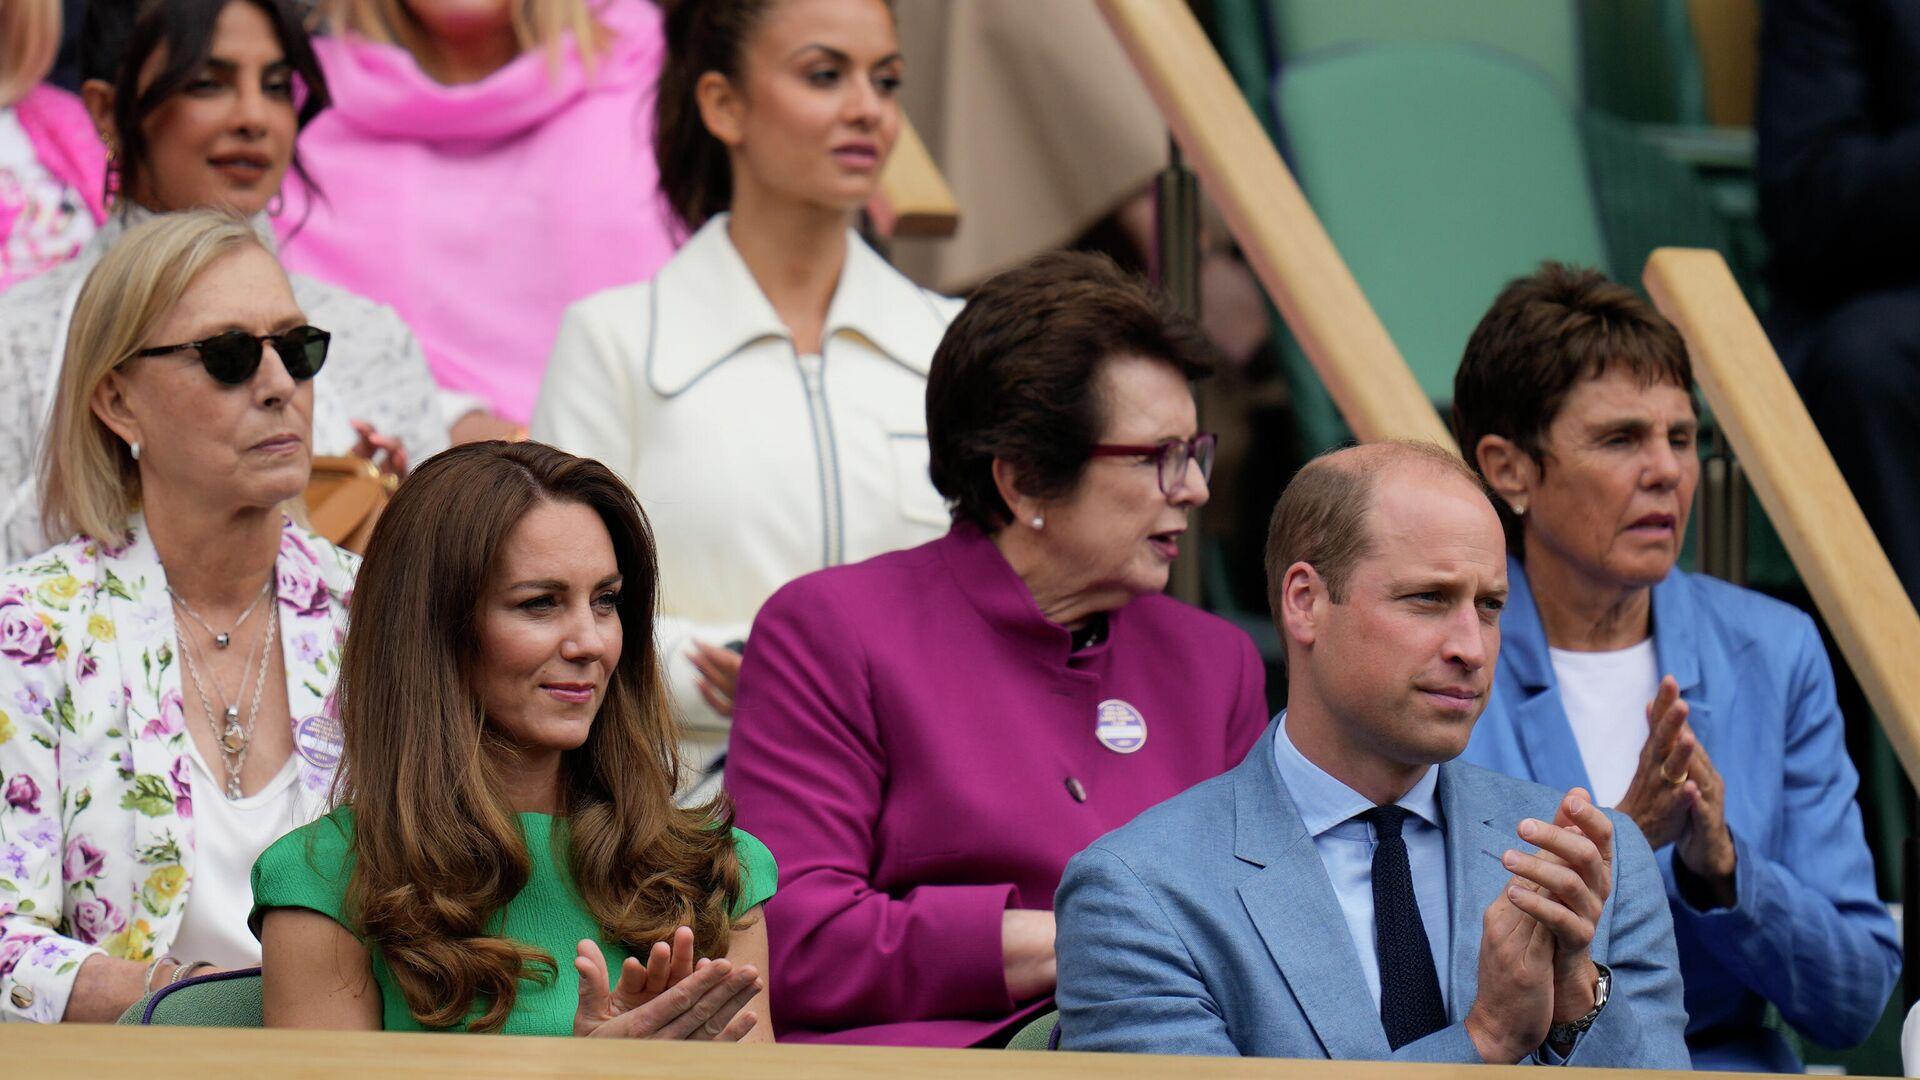 El príncipe William y su esposa, Kate, en el torneo de Wimbledon - Sputnik Mundo, 1920, 15.07.2021